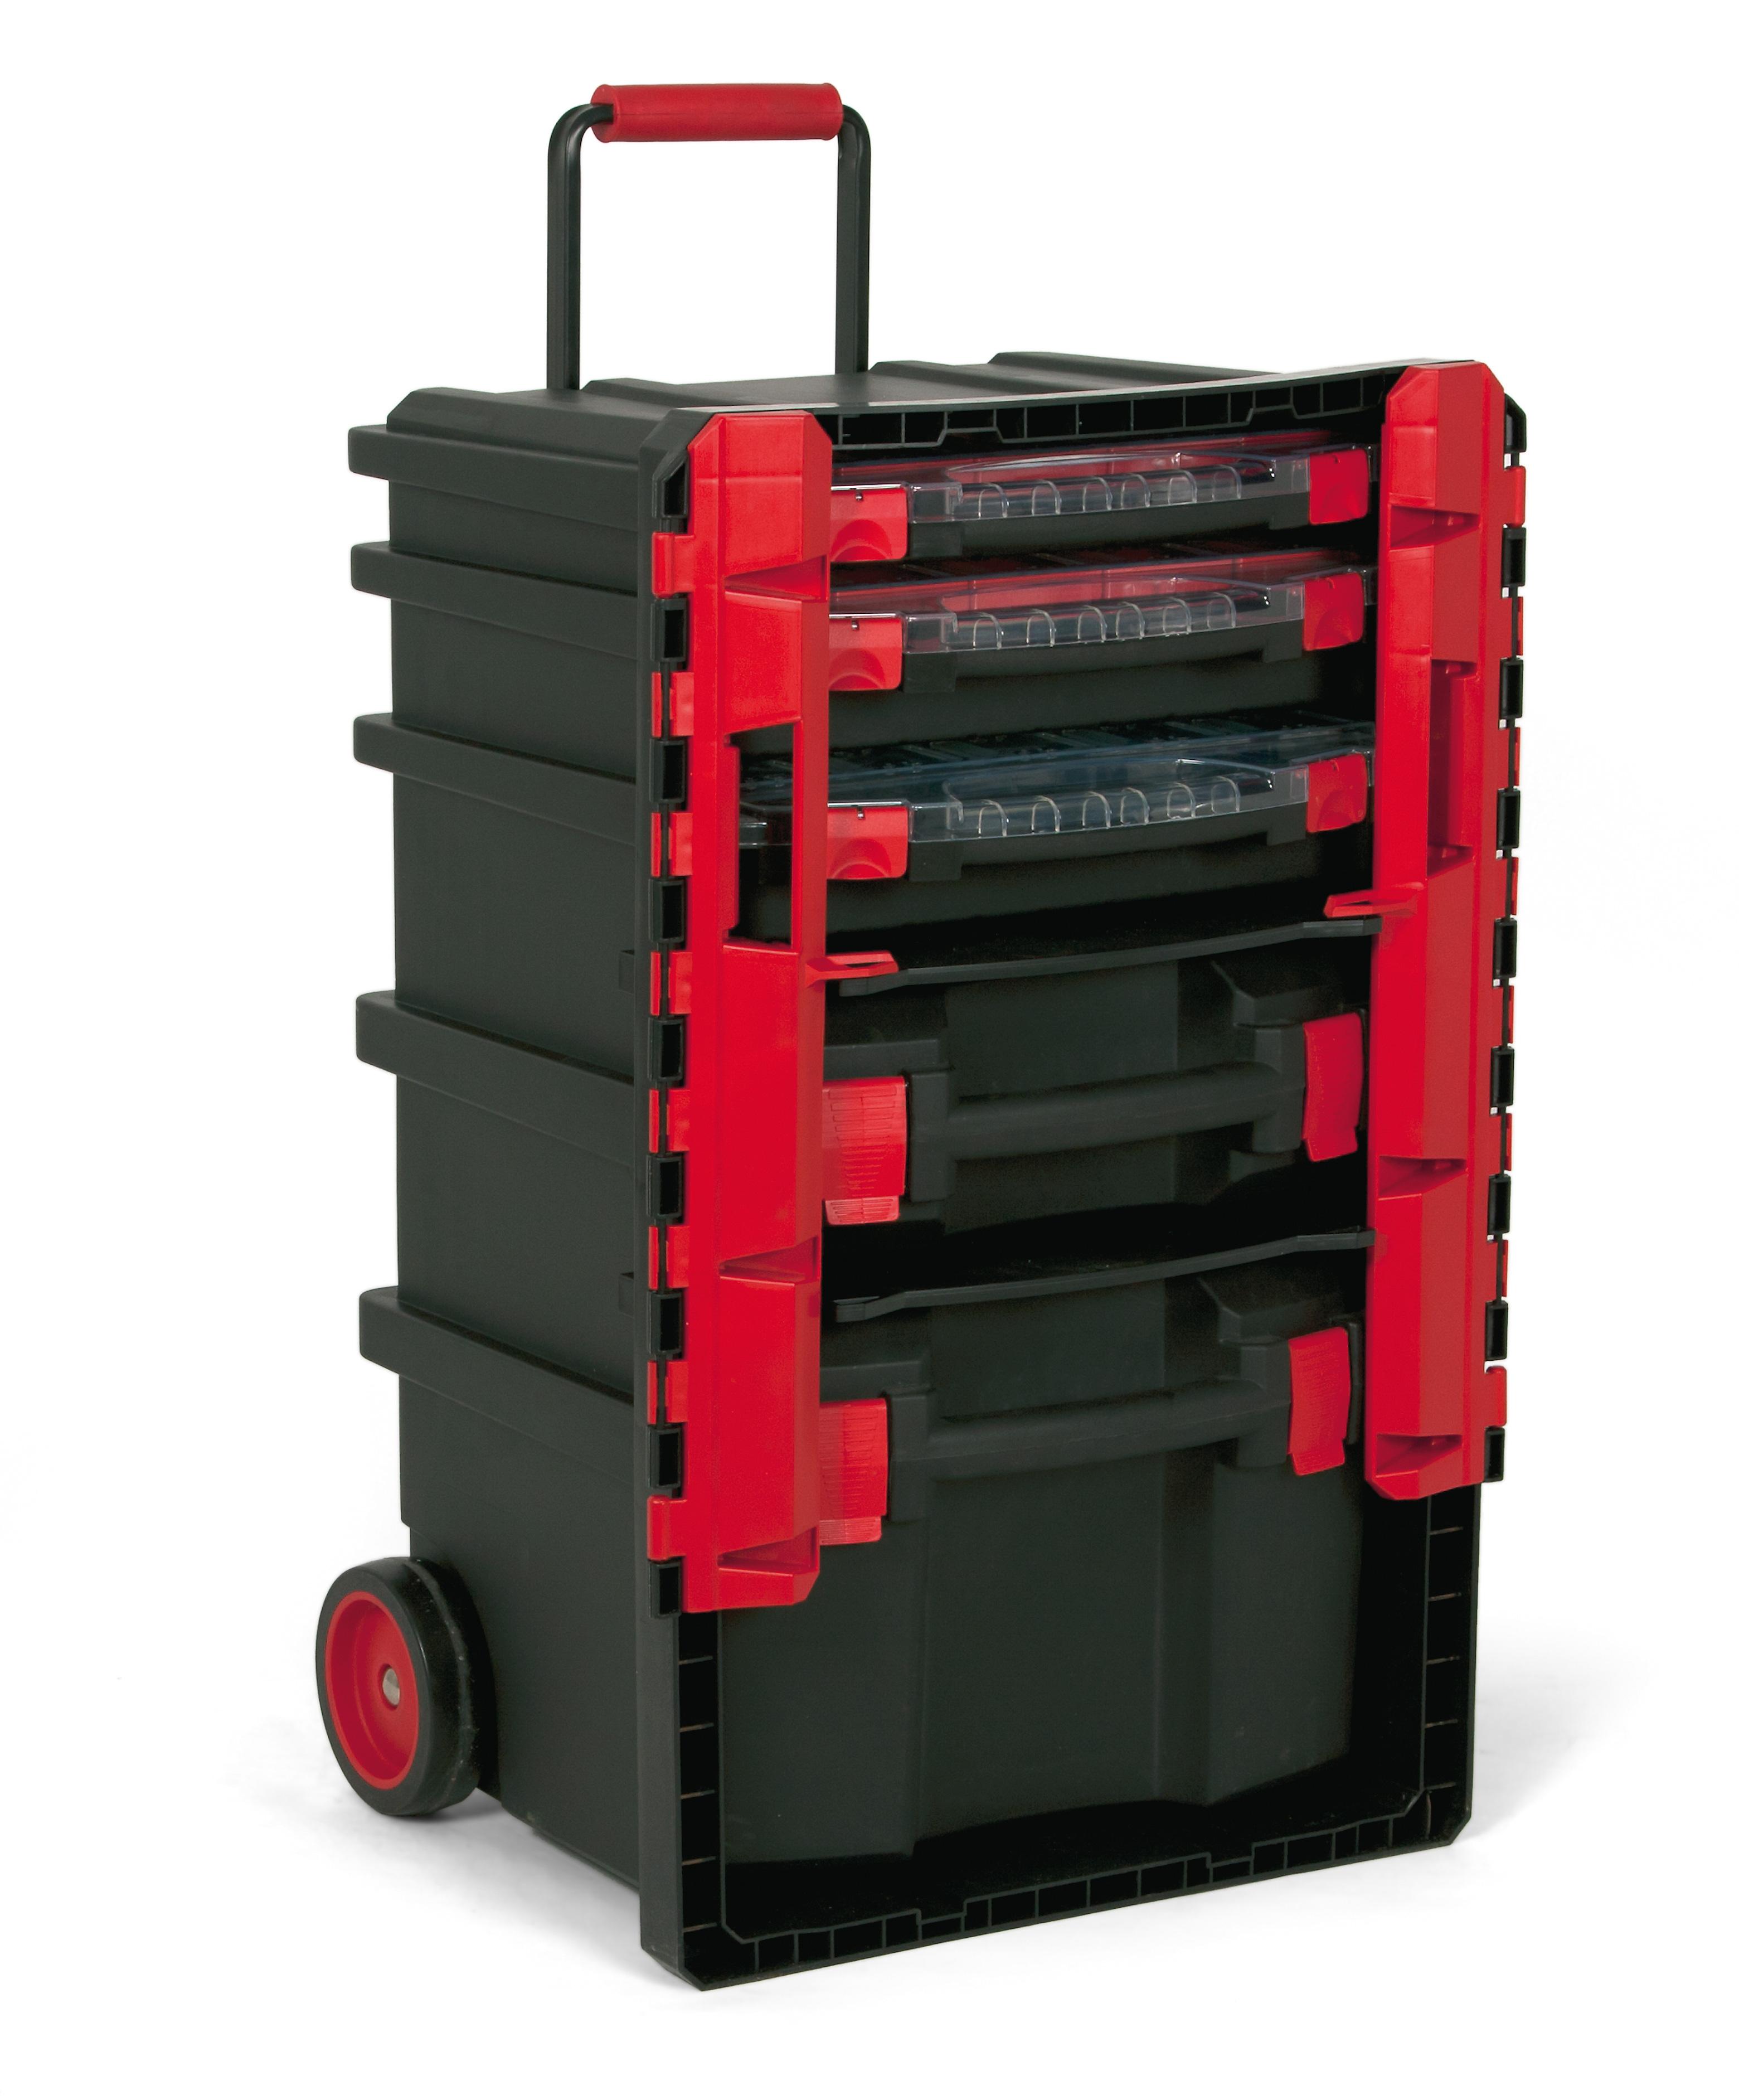 2 trailbox pro - Carros y Trolleys de Herramientas